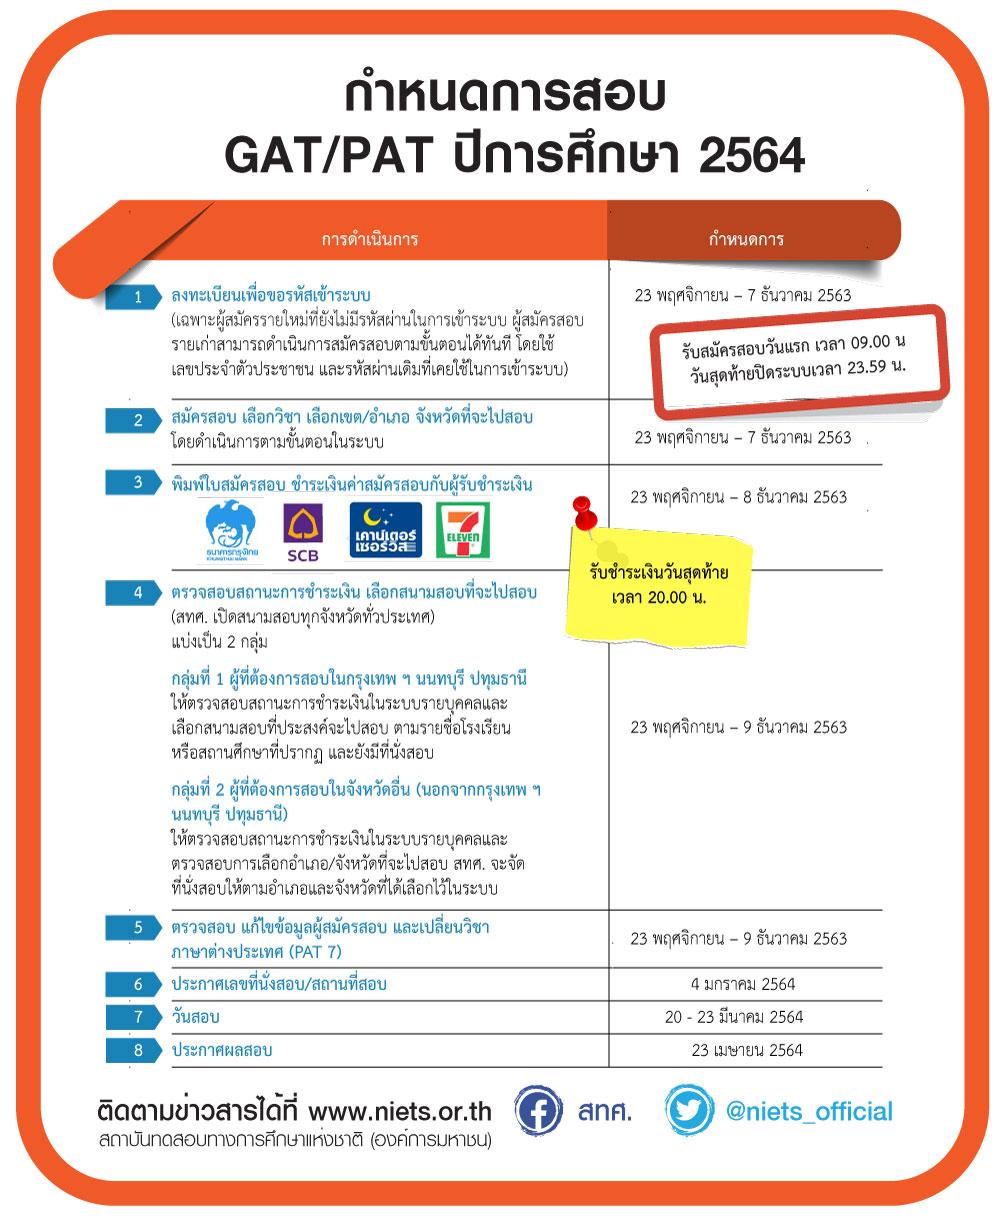 กำหนดการสอบ GAT/PAT 2564